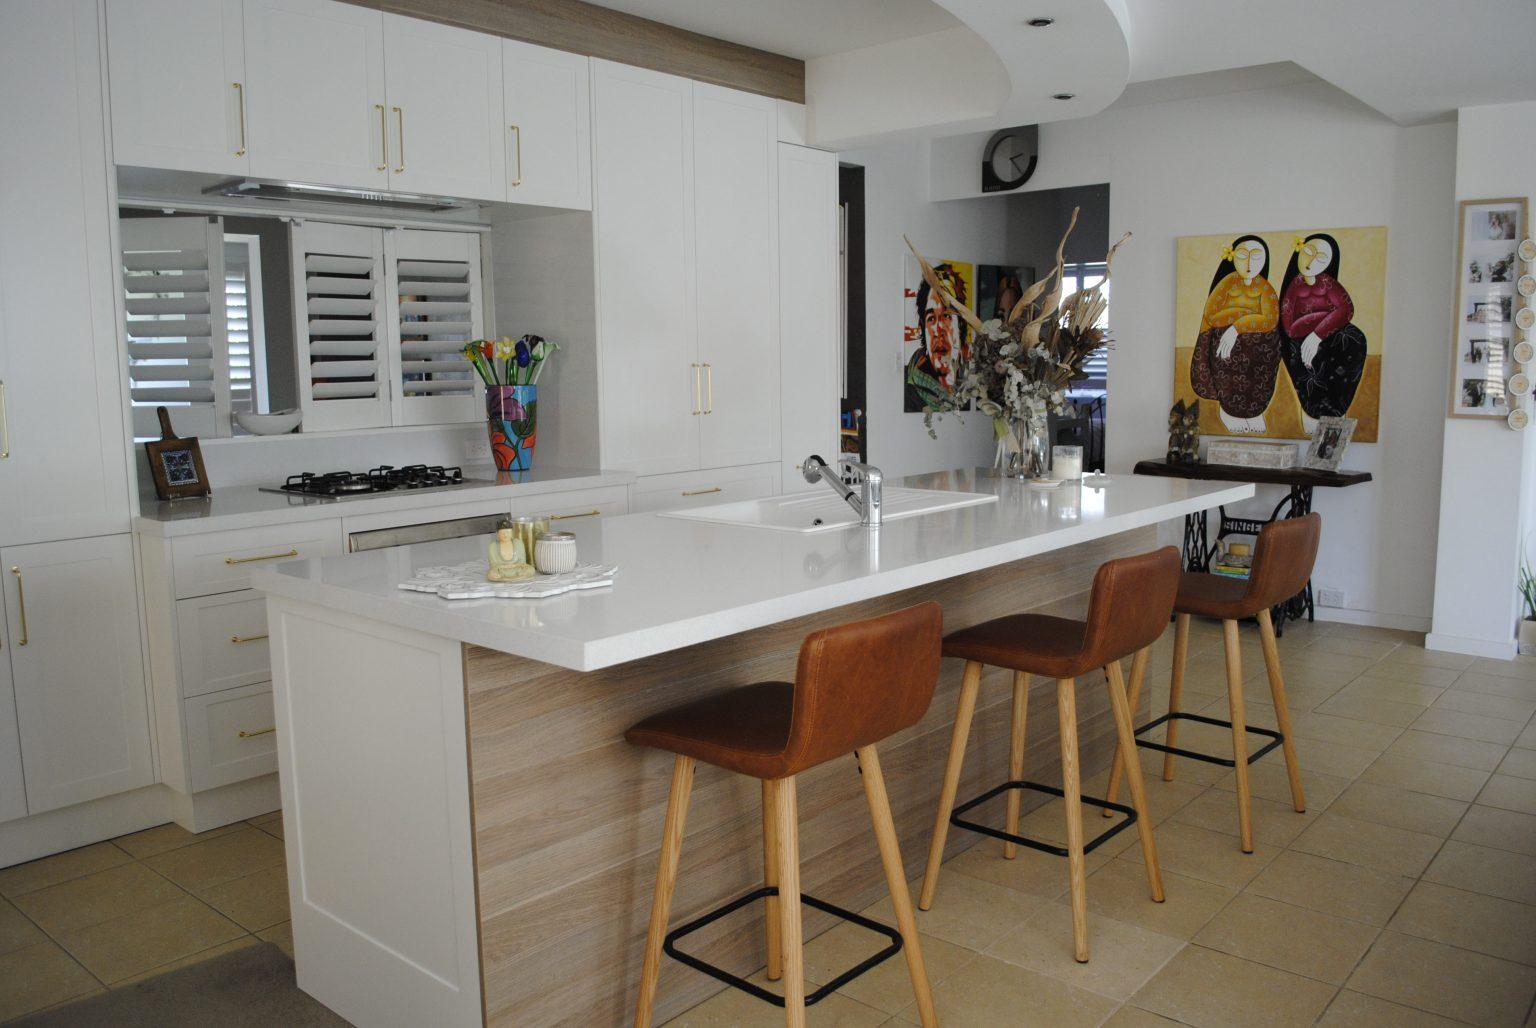 %Kitchen Renovation Sydney% 1